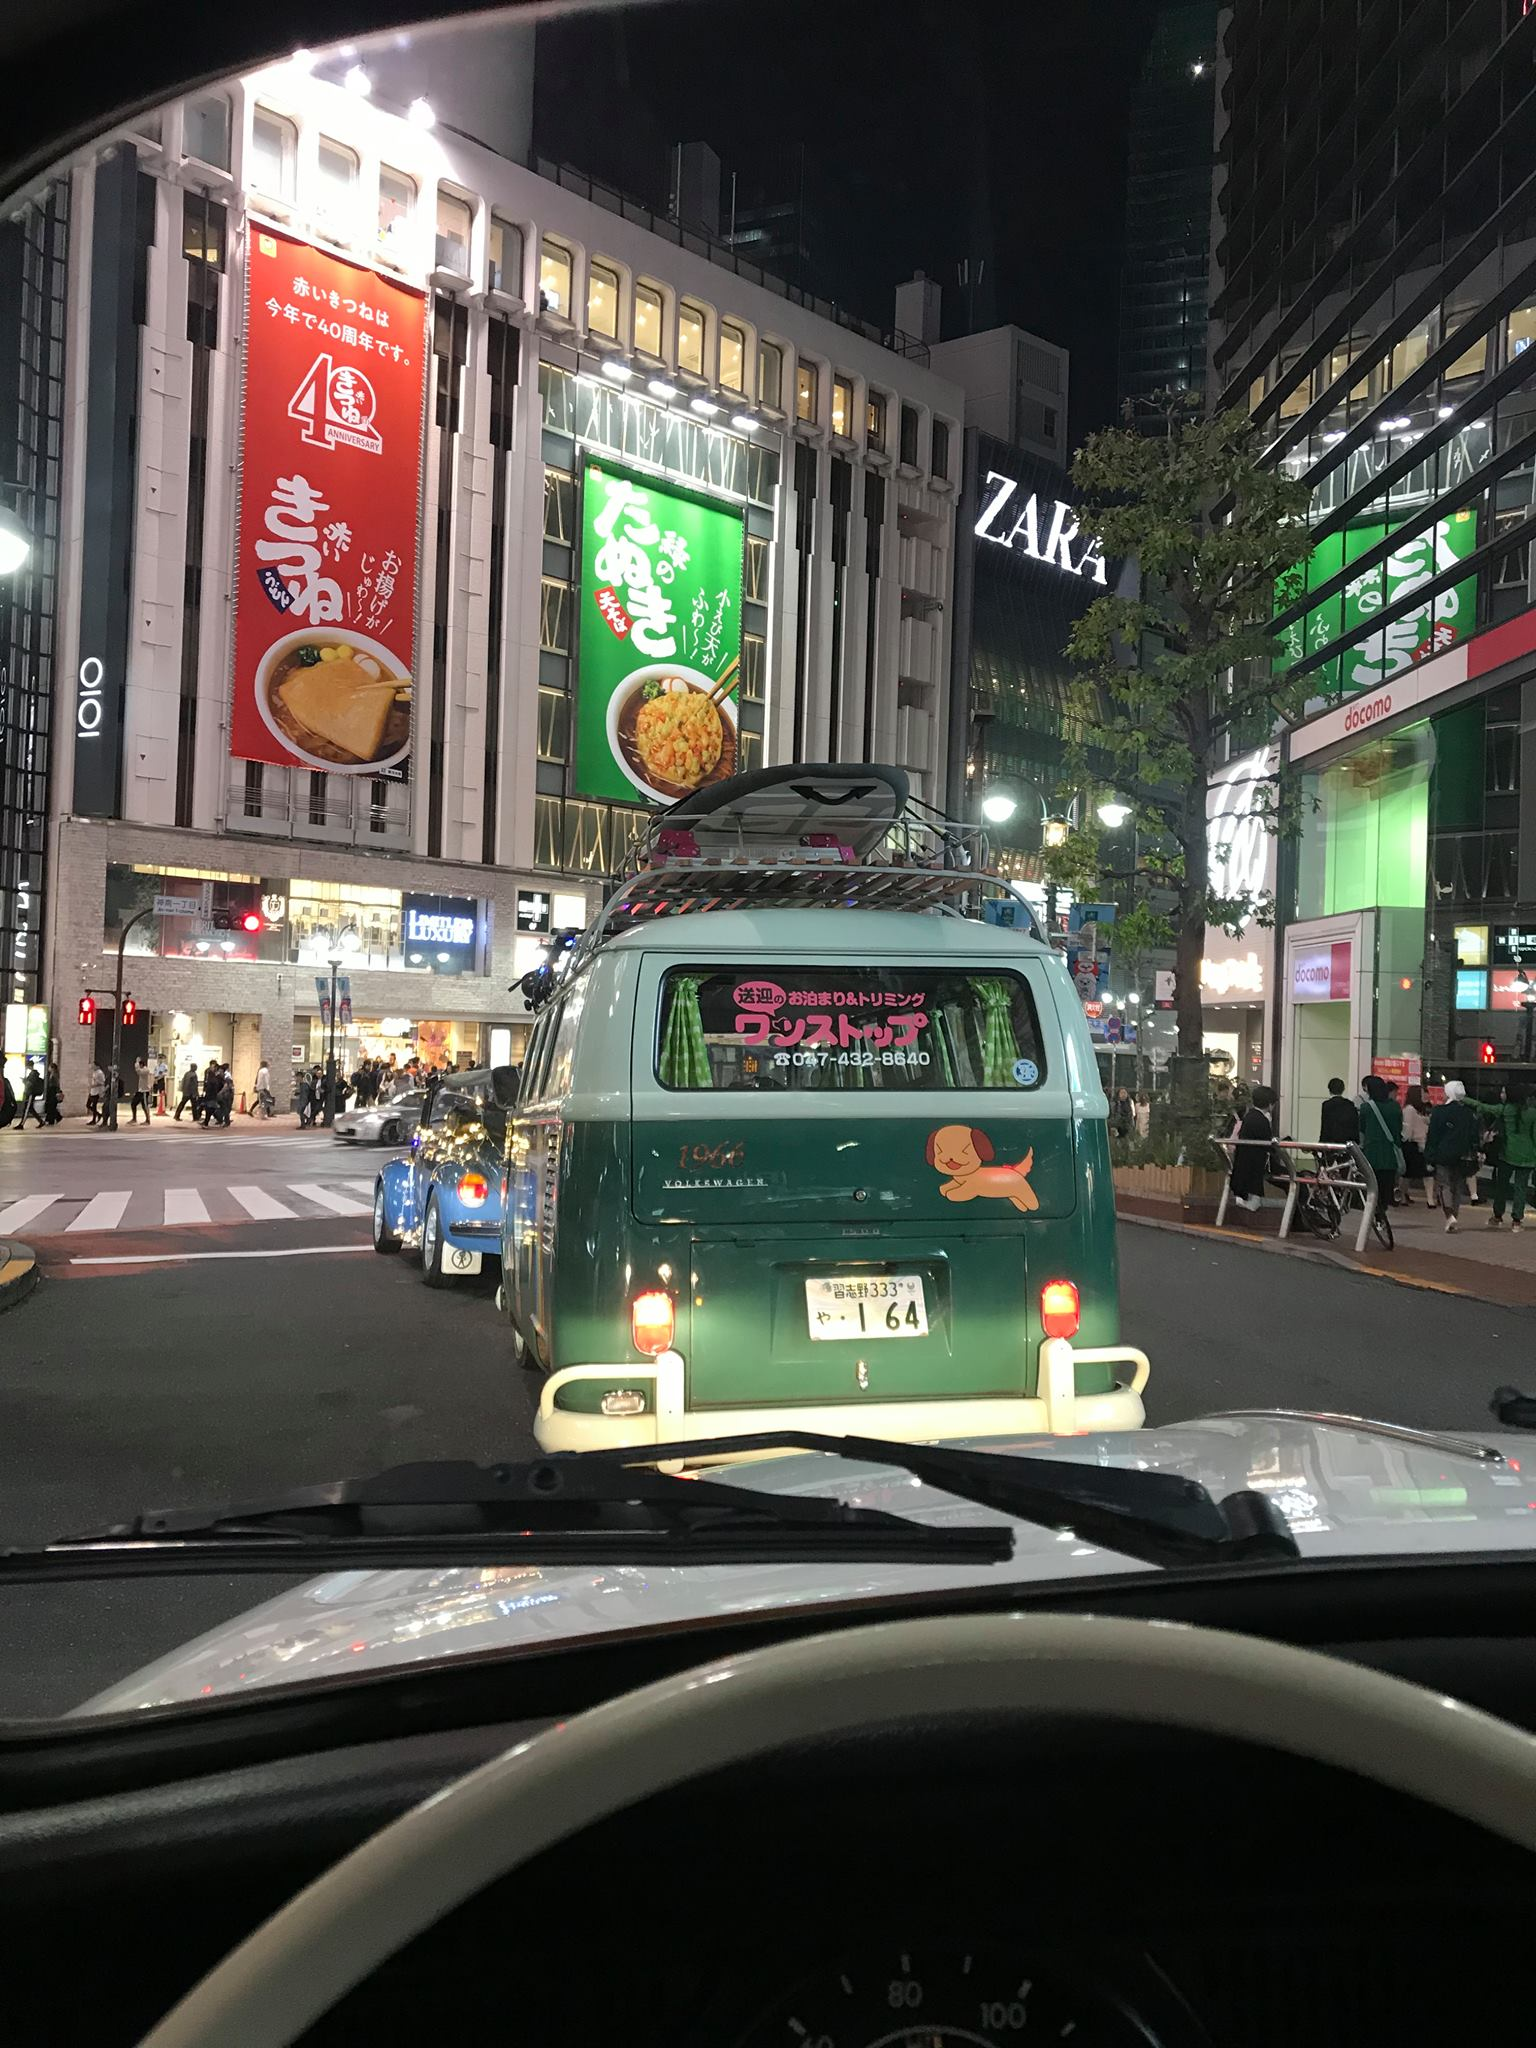 SMILEVW_ハロウィン新宿